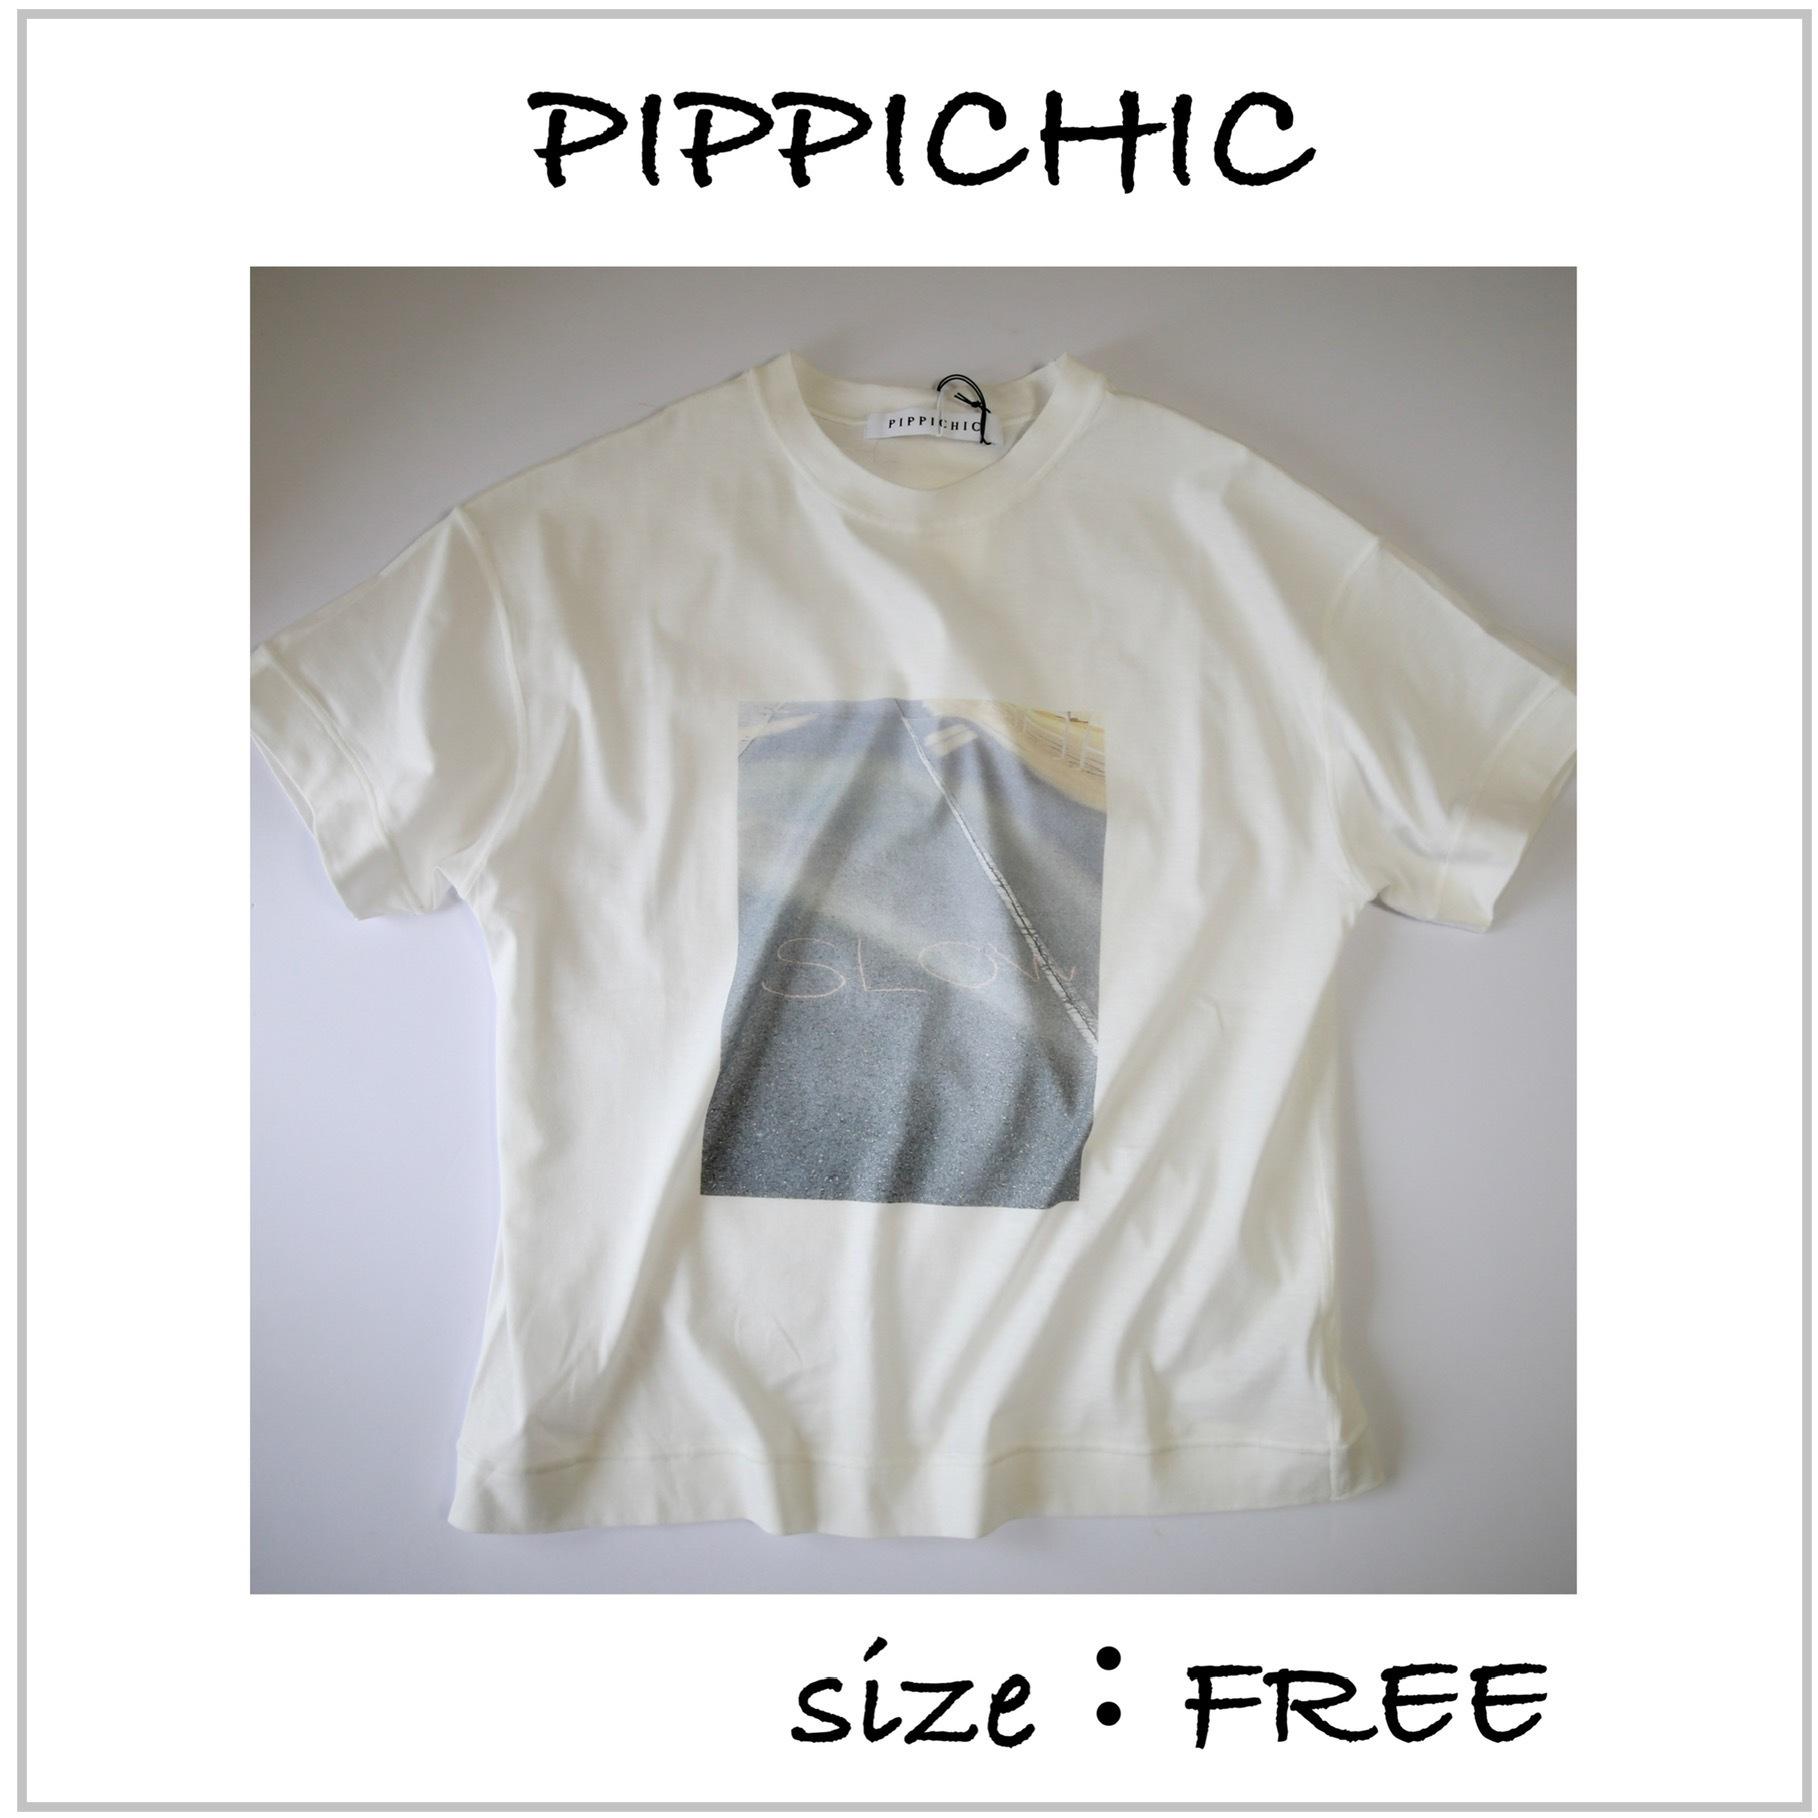 小柄 UNITED ARROWS <PIPPICHIC(ピッピシック)>SLOW TEE